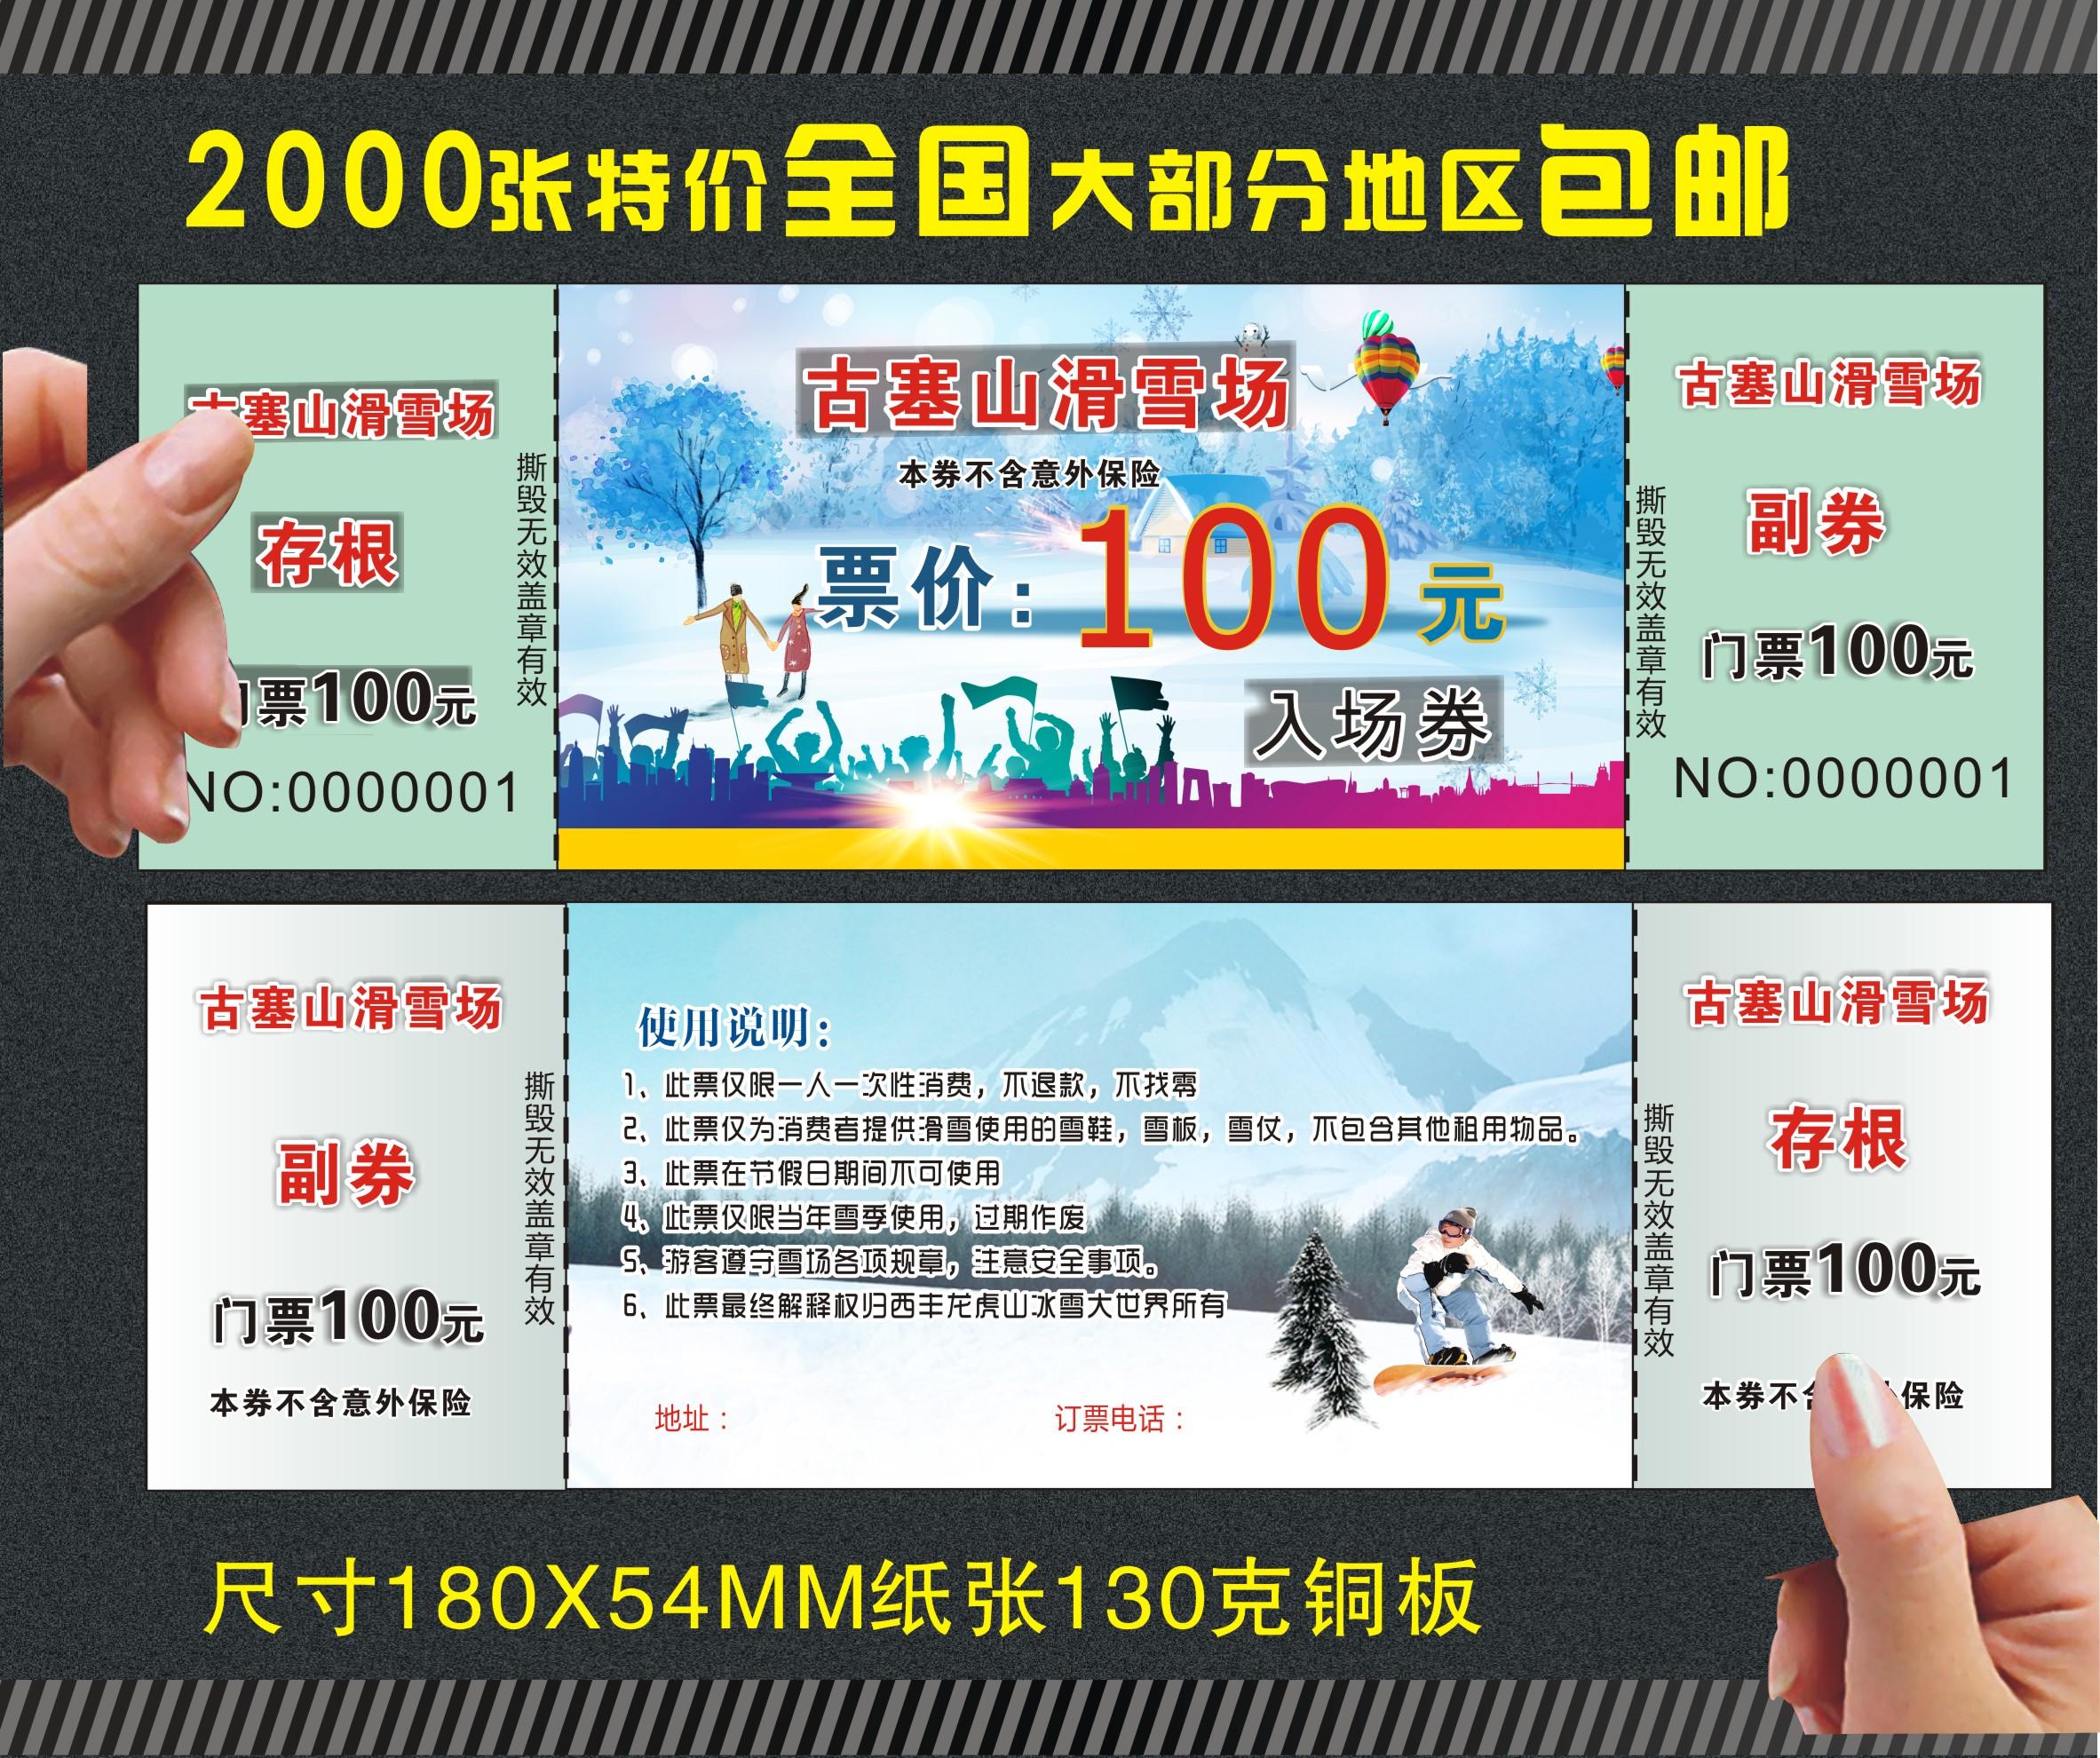 景区景点儿童乐园游乐场门票入场券体验抵用券正副券定制印刷制作